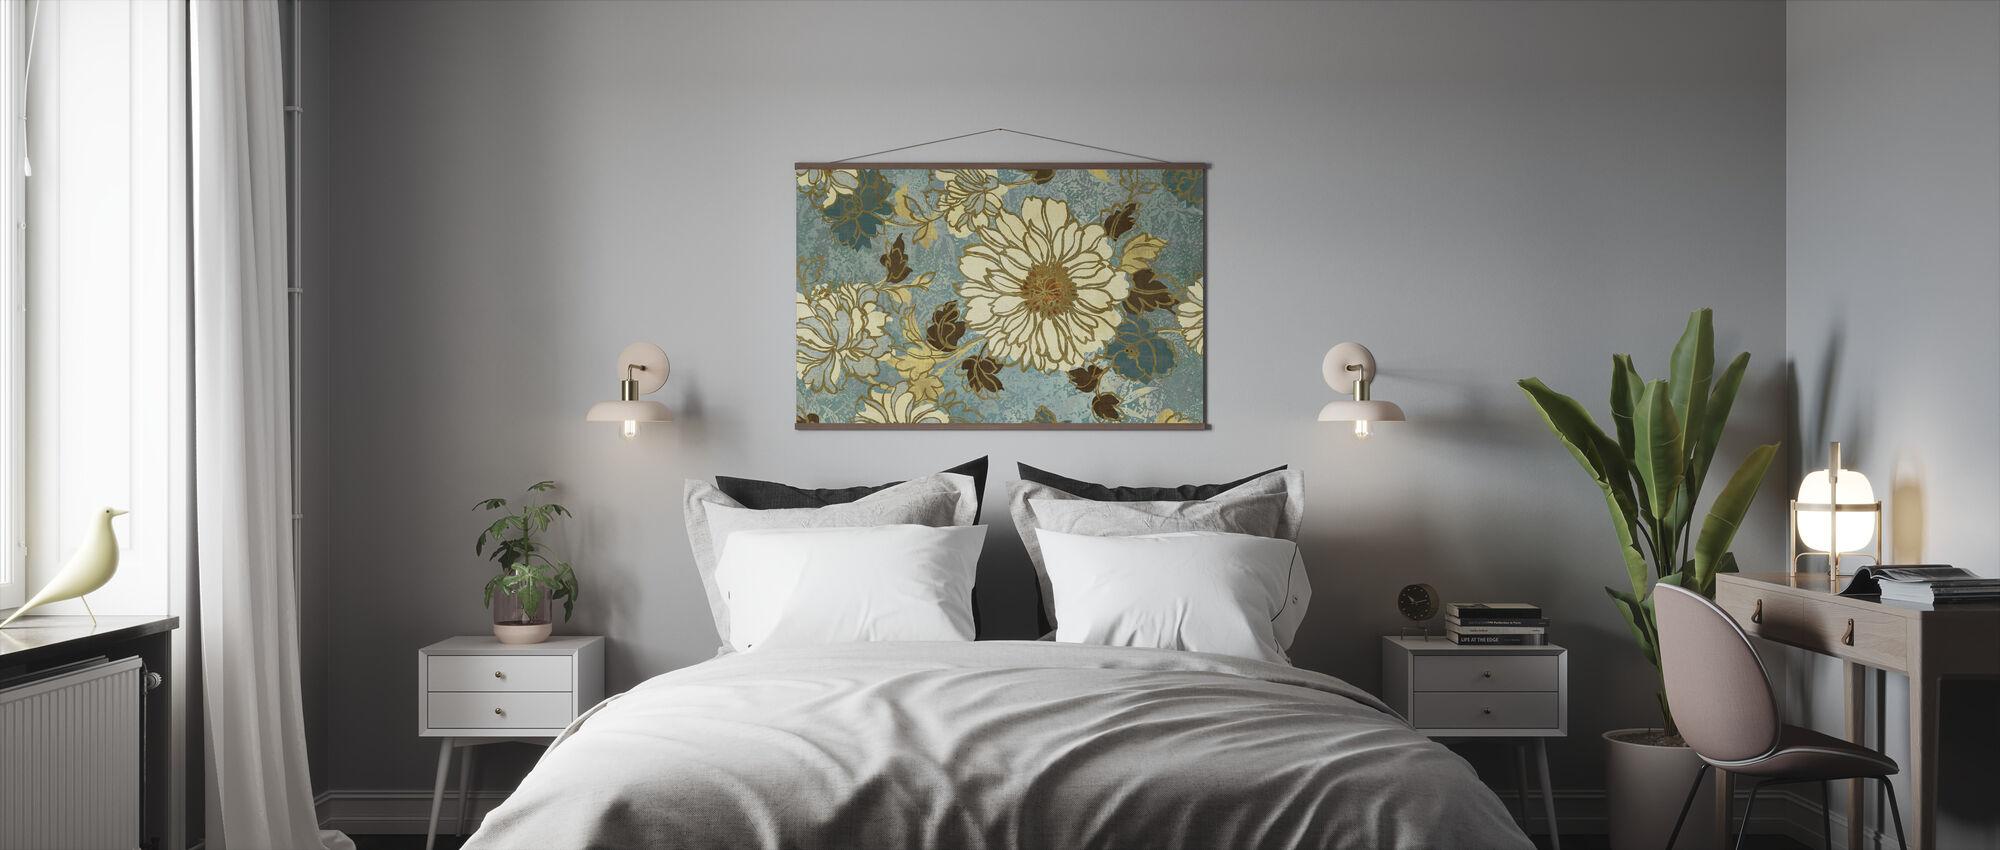 Voorjaarsreflectie - Poster - Slaapkamer